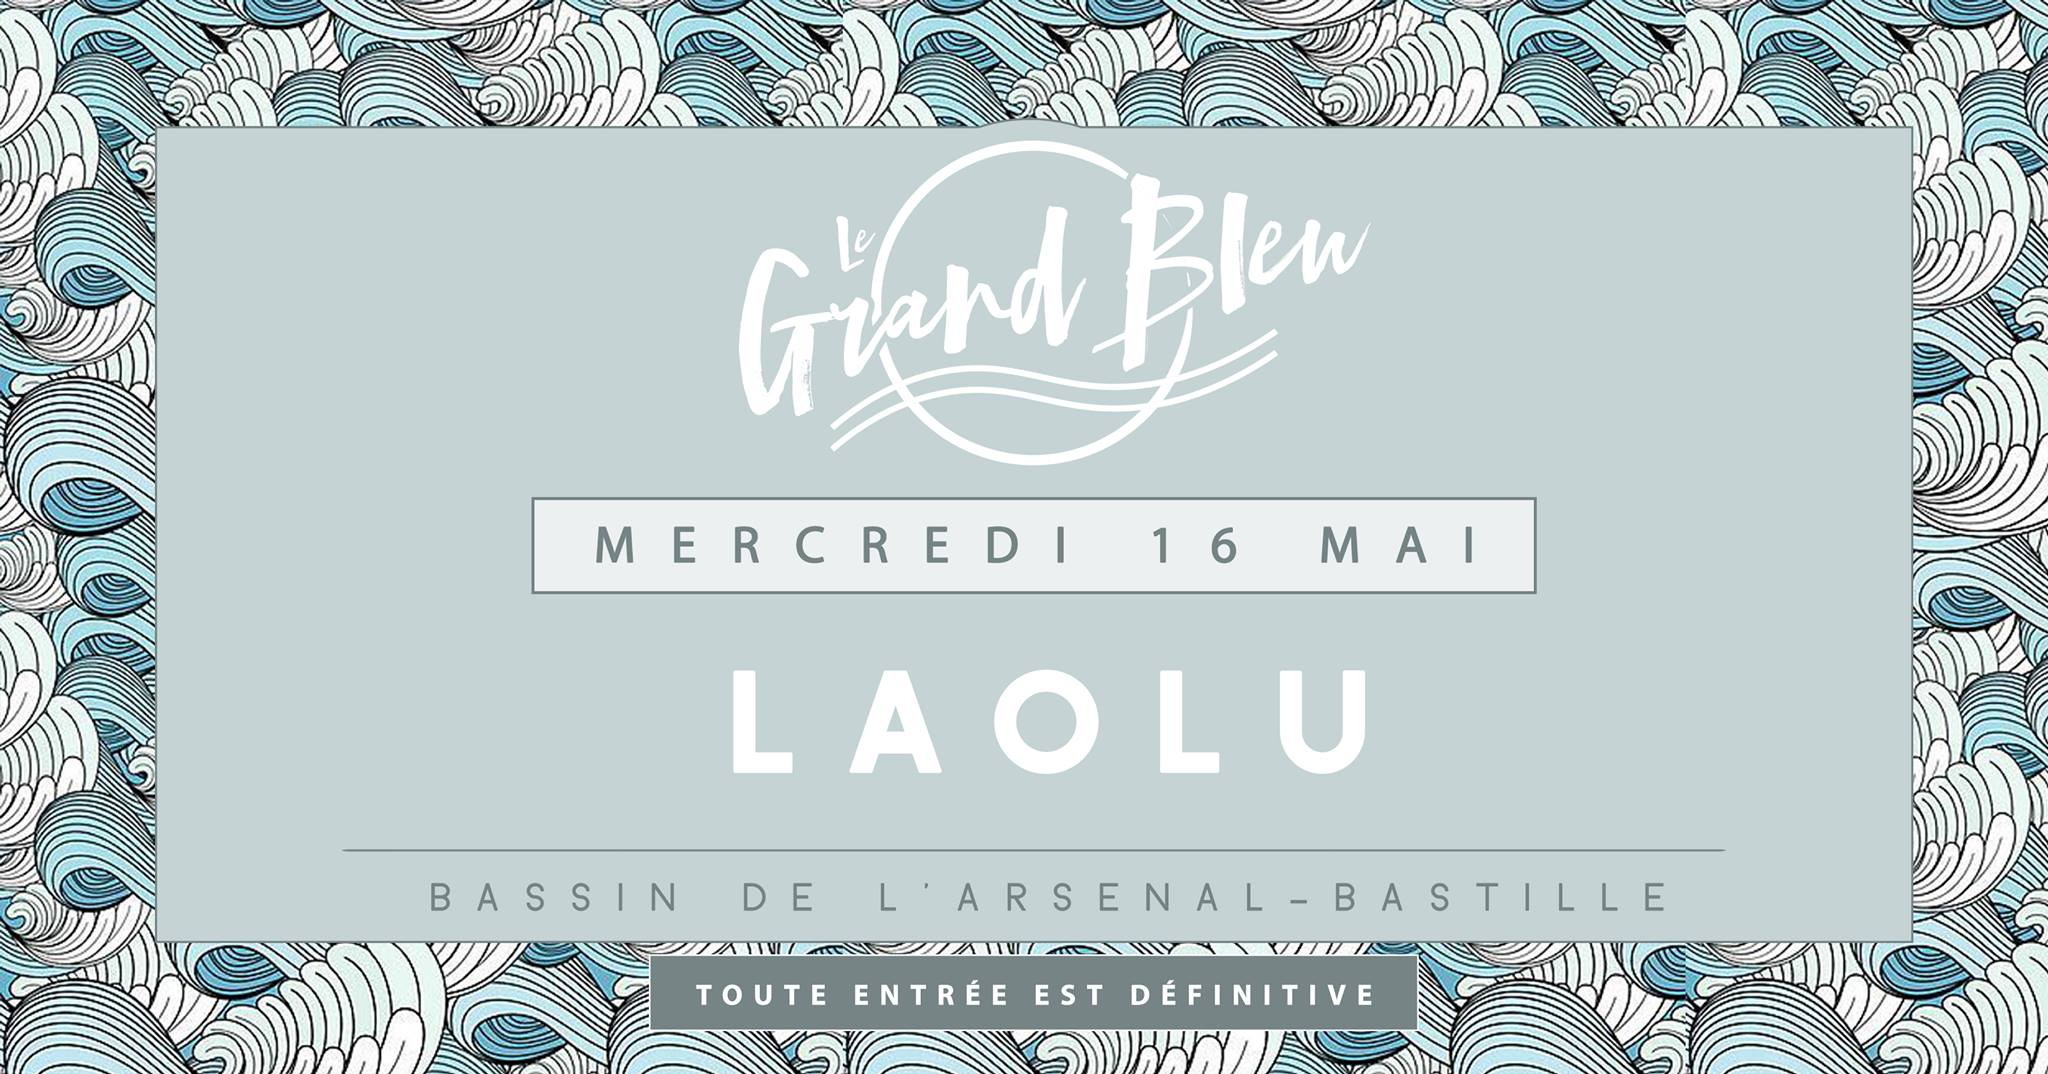 Laolu - @Grand Bleu